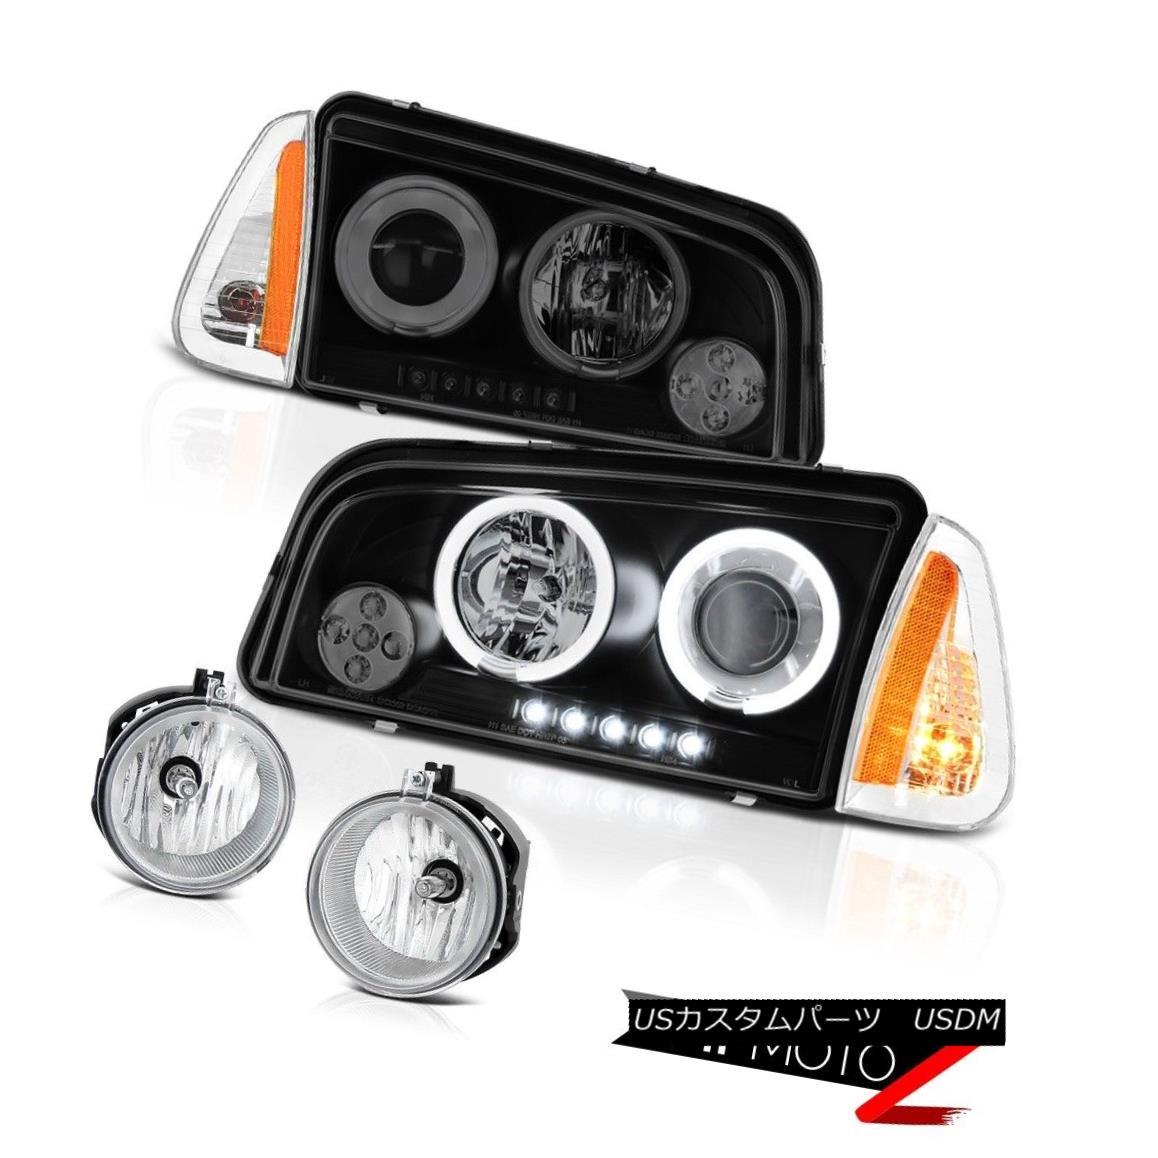 ヘッドライト 06 07 08 Dodge Charger SRT8 Foglamps signal lamp projector headlamps CCFL Halo 06 07 08ダッジチャージャーSRT8フォグランプ信号ランププロジェクターヘッドランプCCFL Halo